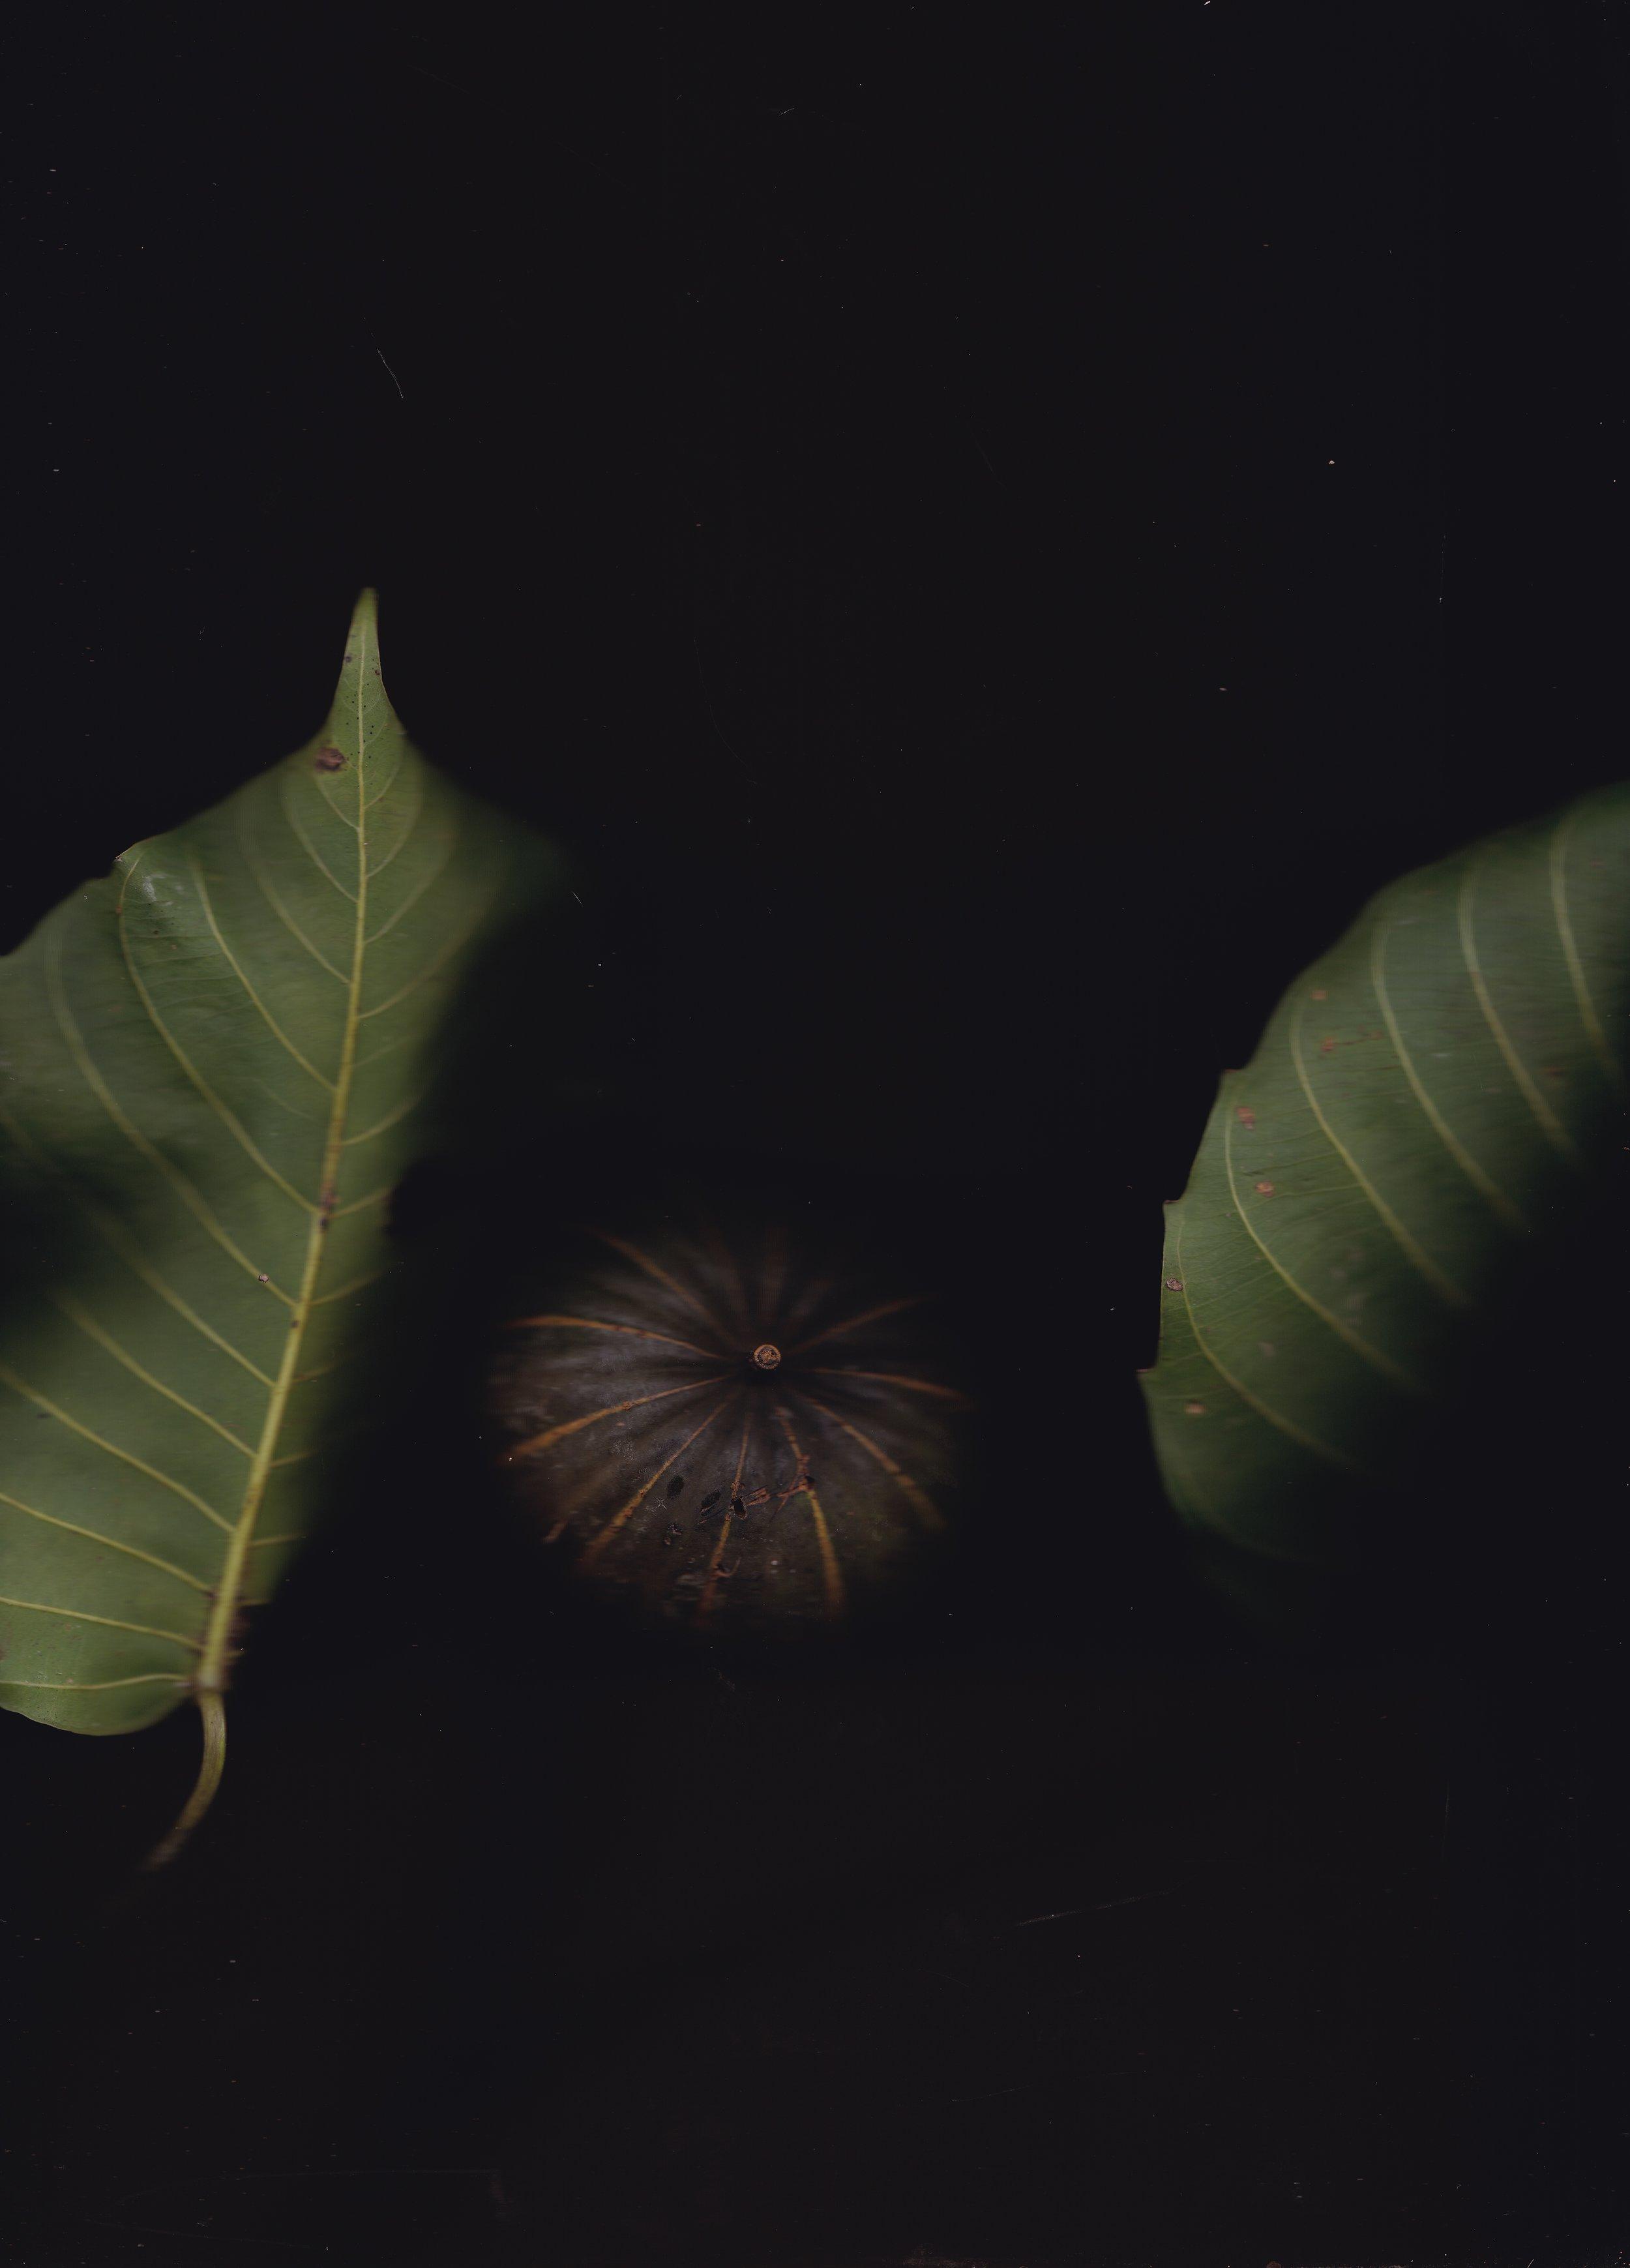 Hura crepitans  - conocido en Perú como Catahua, es un árbol con significado especial para herbalistas amazónicas; también es de rápido crecimiento hasta en áreas degradadas (promisoria para la restauración), además de ser buscado como madera para canoa.